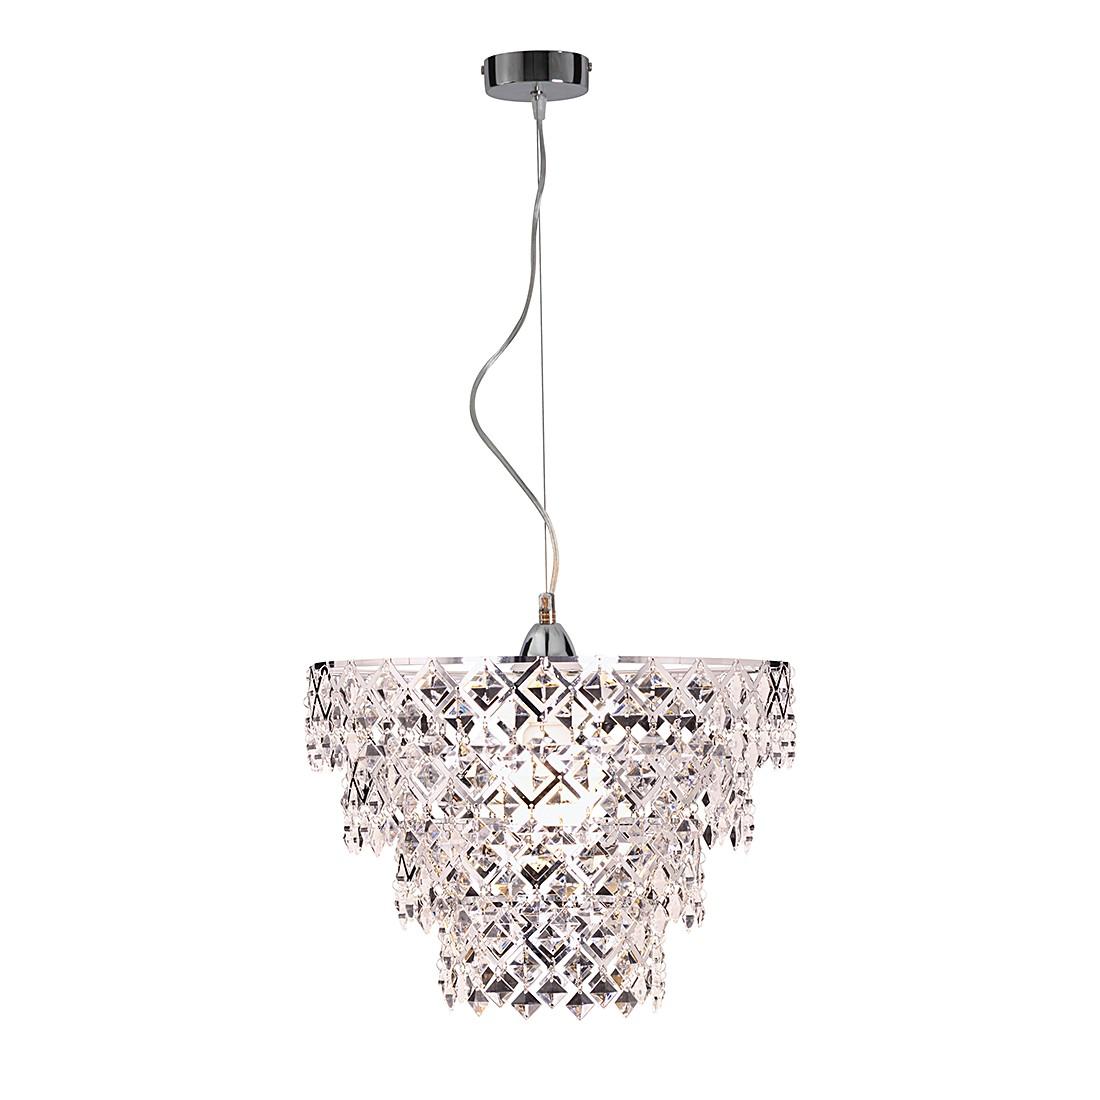 Pendelleuchte ○ Metall/Acryl ○ 1 Flammig  Lux A++ Günstig Online Kaufen